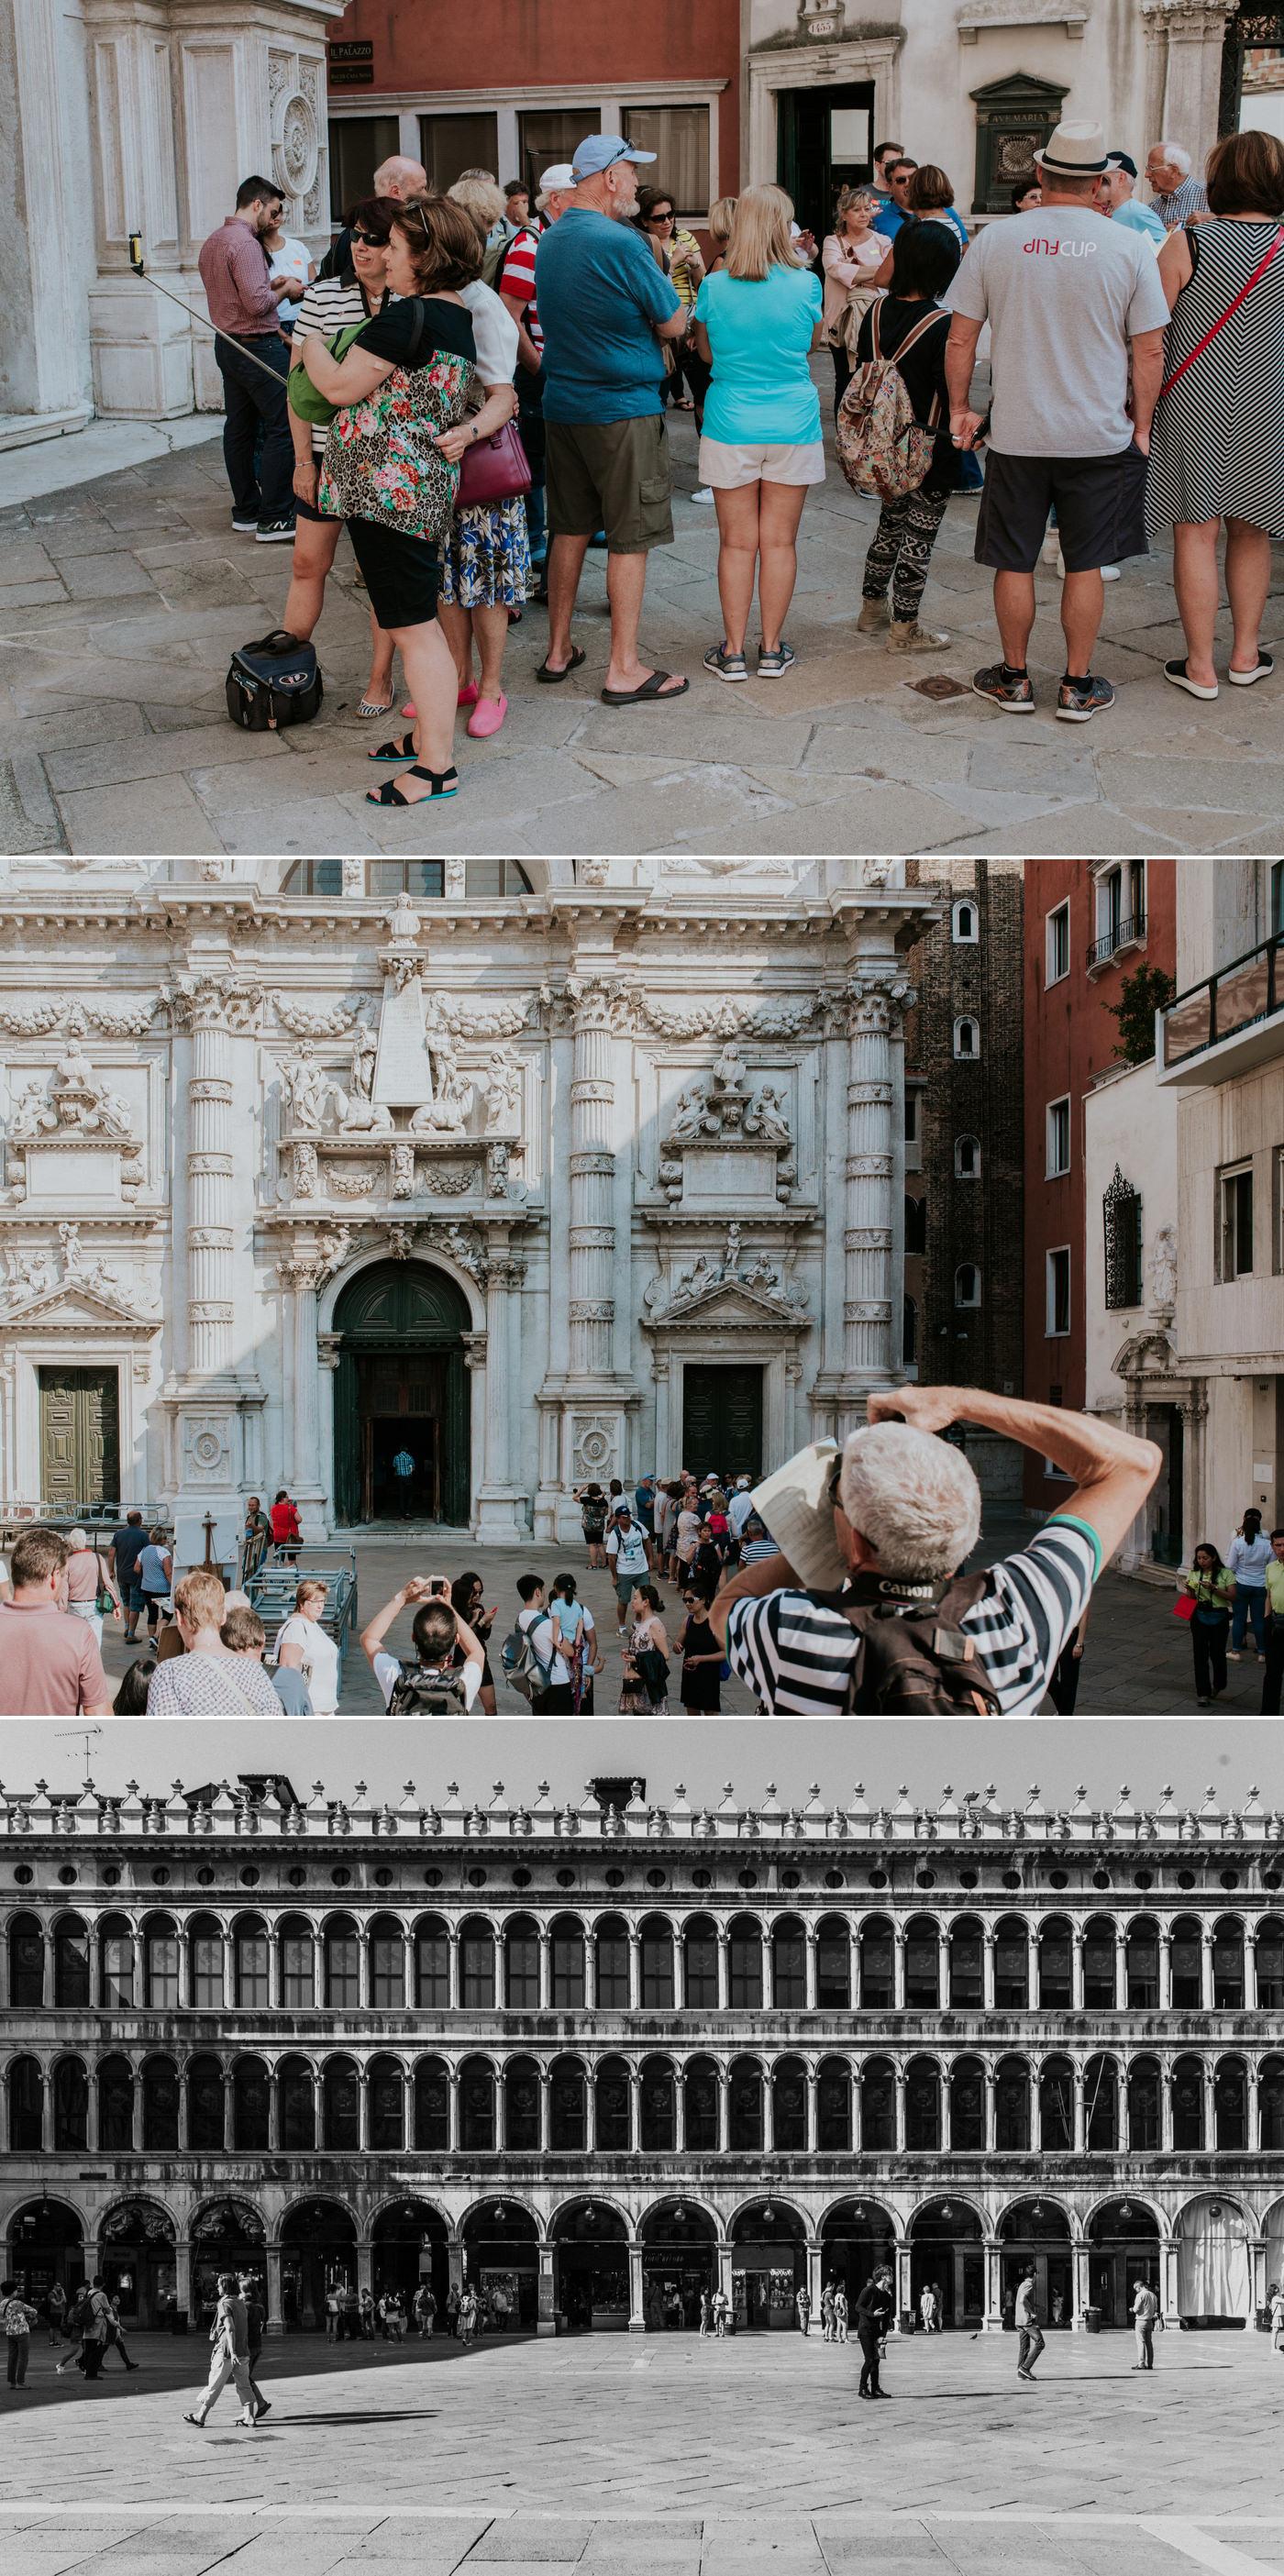 Venice_by_Piotr_Glodzik14